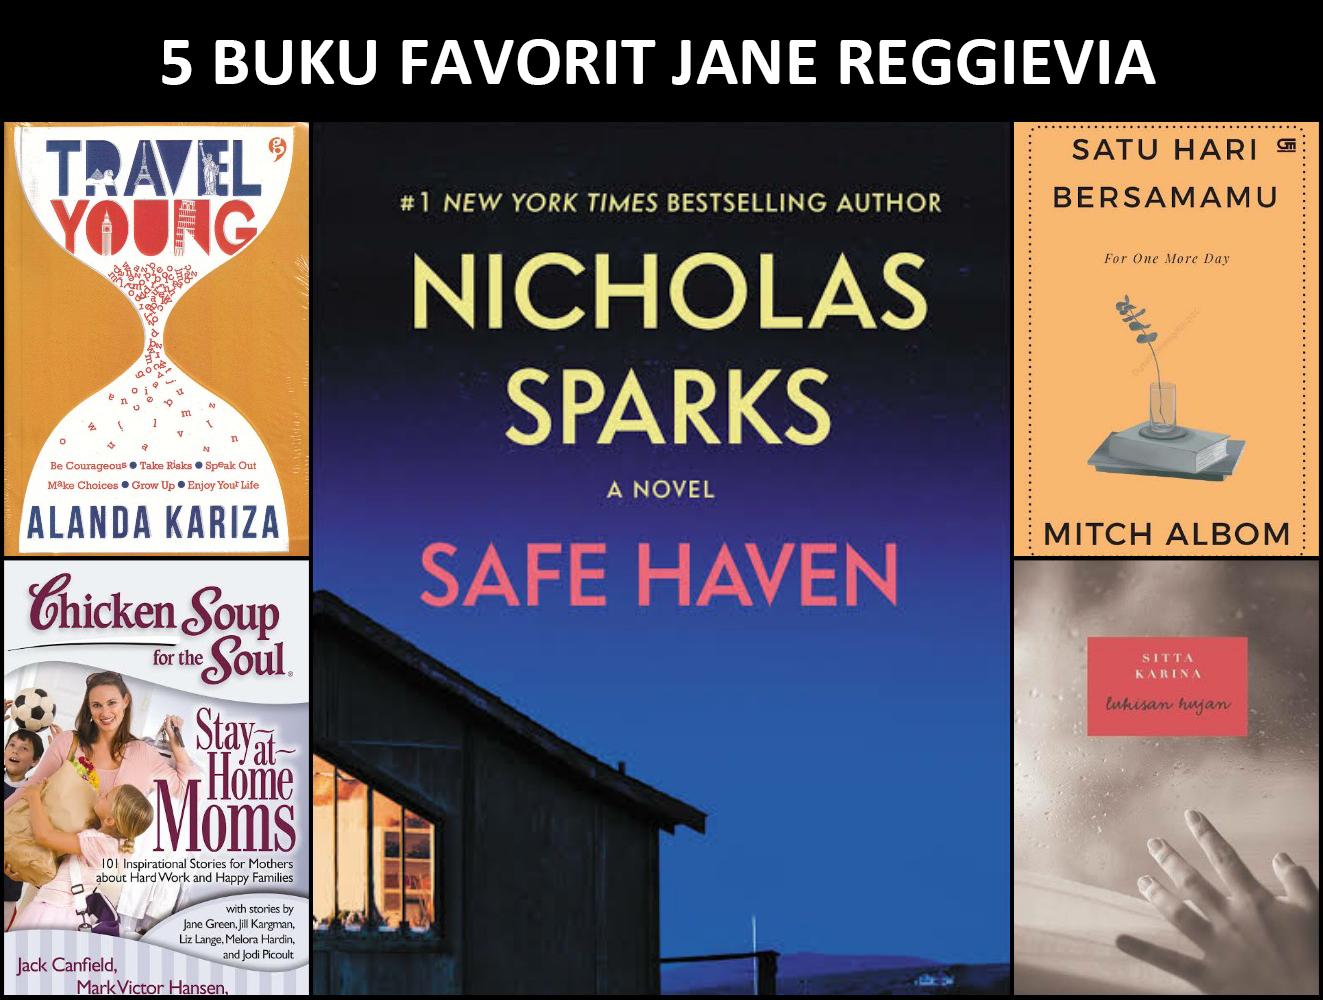 Menulis Biografi Public Figure dan Buku yang Mengubah Hidup (Bersama Jane Reggievia)